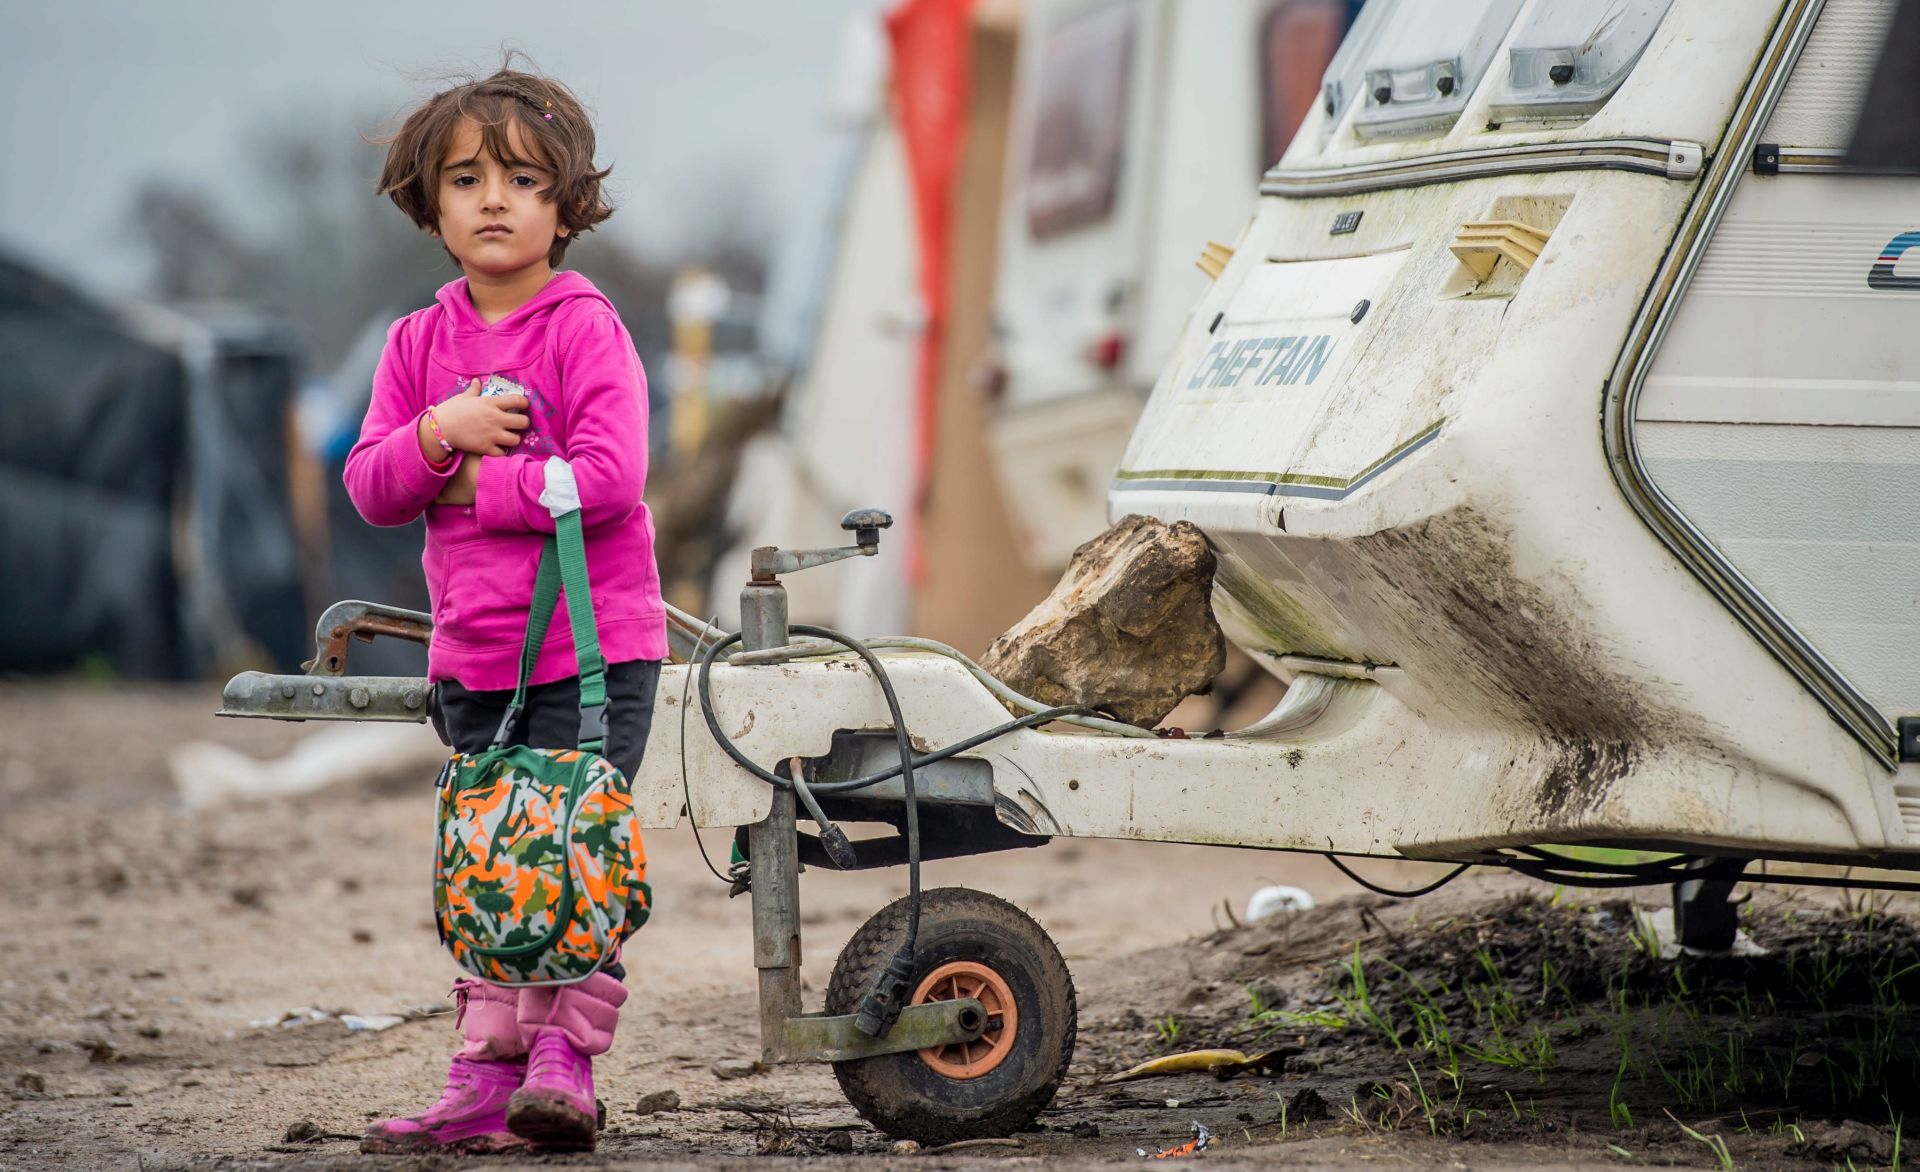 NISU TERET ZA ZDRAVSTVENI SUSTAV: Izbjeglice u Njemačkoj zdravije od očekivanog